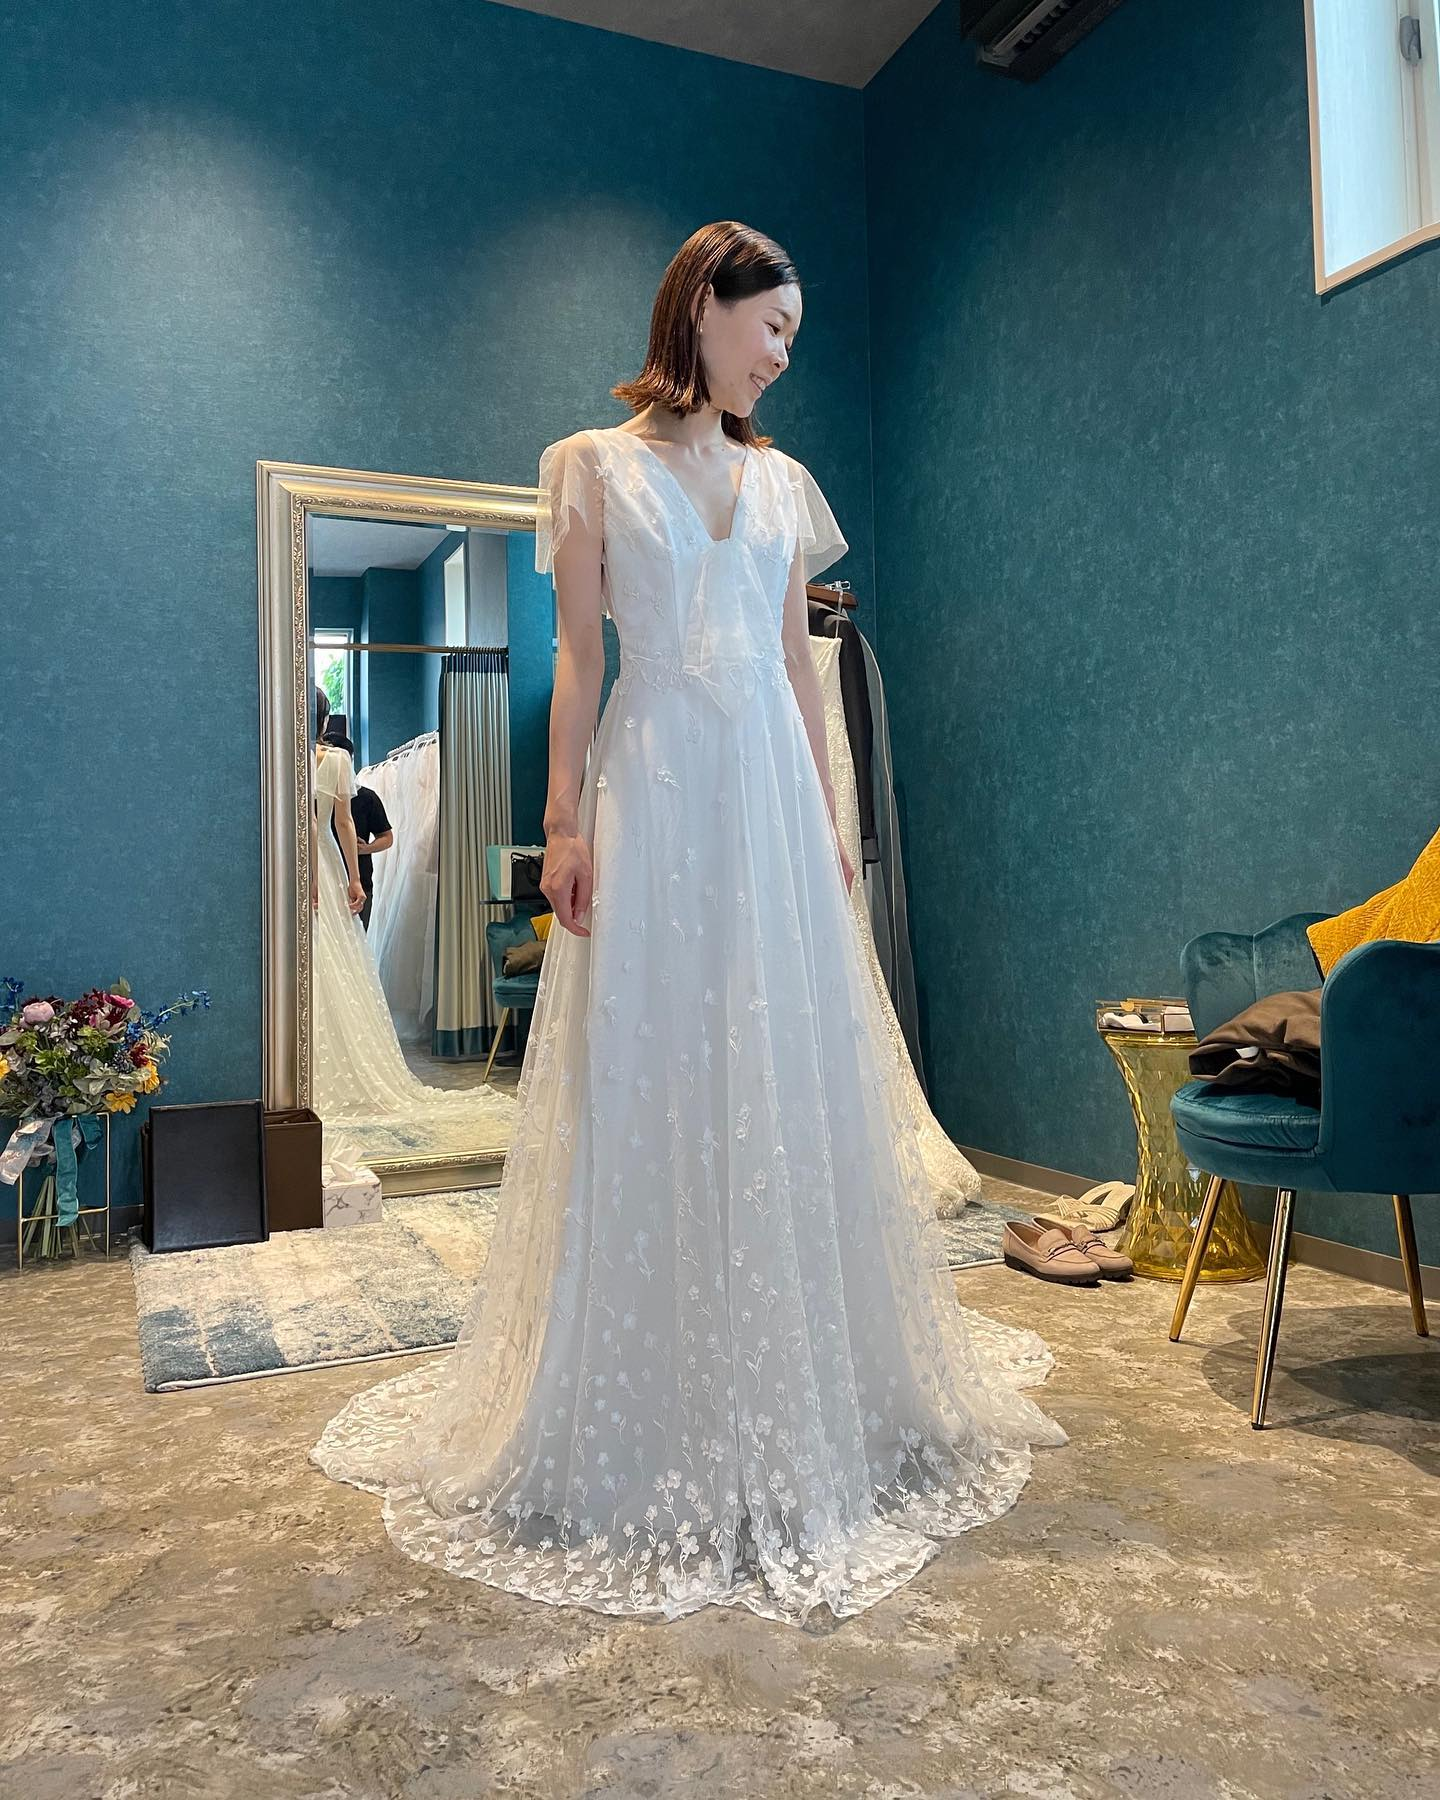 """・先日のご試着のお客様🕊とってもお似合いでした🤍・小花のレースが繊細に広がって可憐な印象のソフトAラインのdress・体を美しく見せるしなやかなラインと胸元のカッティングが、小花の可憐さを甘すぎず表現できていますバックスタイルのくるみボタンもキュンとしてしまいますね・""""JASMIN """"購入価格:¥370.000・#wedding #weddingdress #instagood #instalike #claras #paris #ウェディングドレス #プレ花嫁 #ドレス試着 #ドレス迷子#2021冬婚 #ヘアメイク #結婚式  #ドレス選び #前撮り #インポートドレス #フォトウェディング #ウェディングヘア  #フォト婚 #ニューノーマル #ブライダルフォト #カップルフォト #ウェディングドレス探し #ウェディングドレス試着 #セルドレス #ドレスショップ  #クラシカルドレス #ホテルウェディング #ハワイウェディング"""